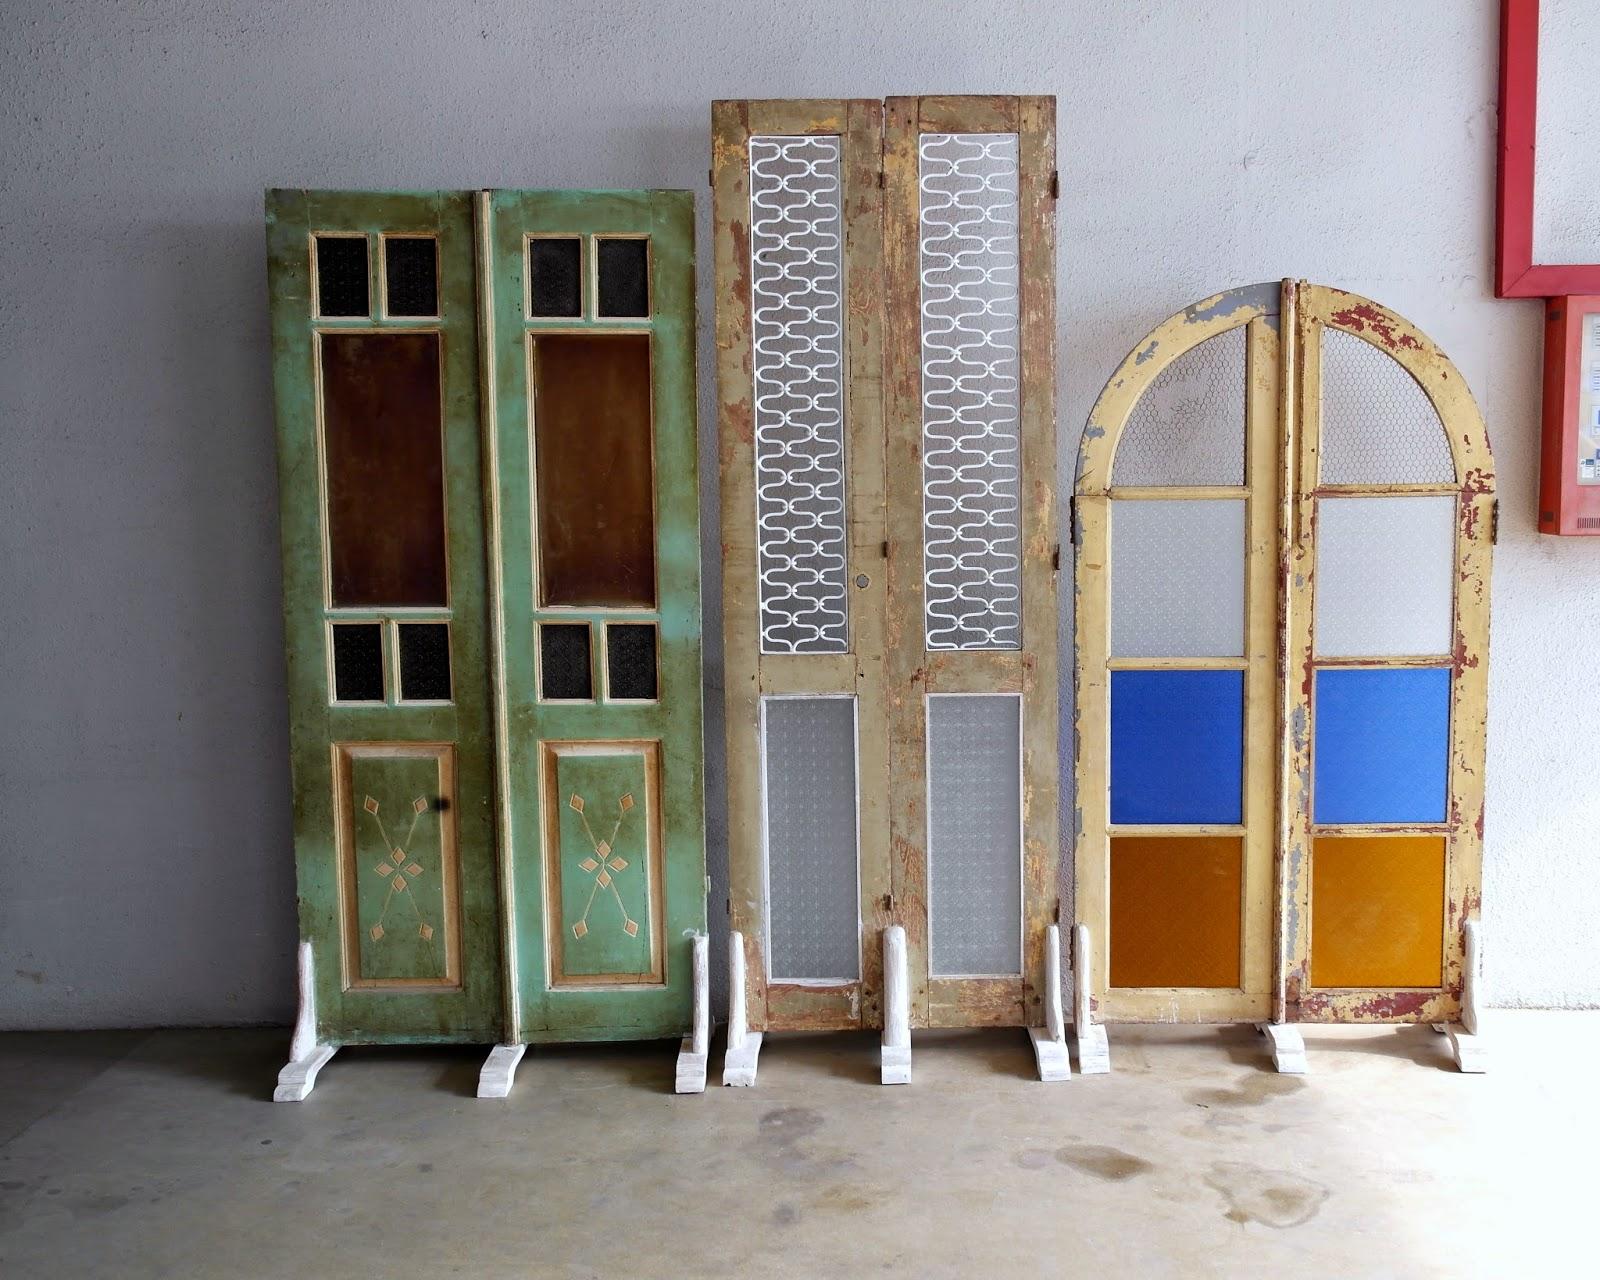 Vintage second hand furniture